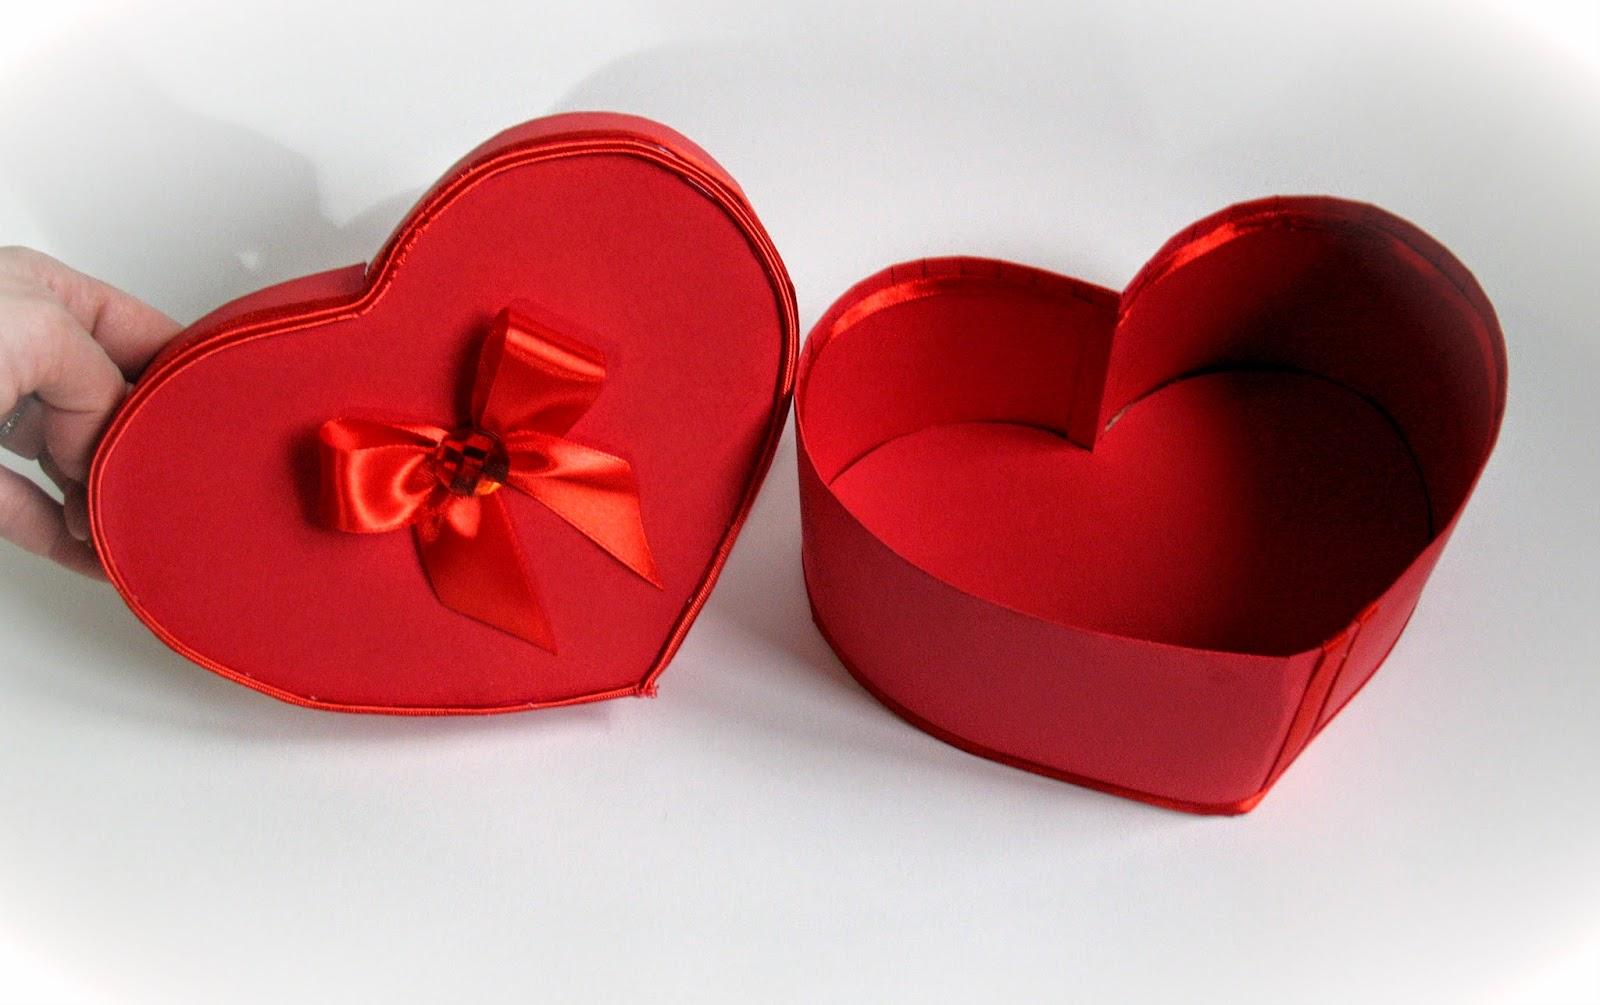 Как сделать коробку подарочную в виде сердца своими руками